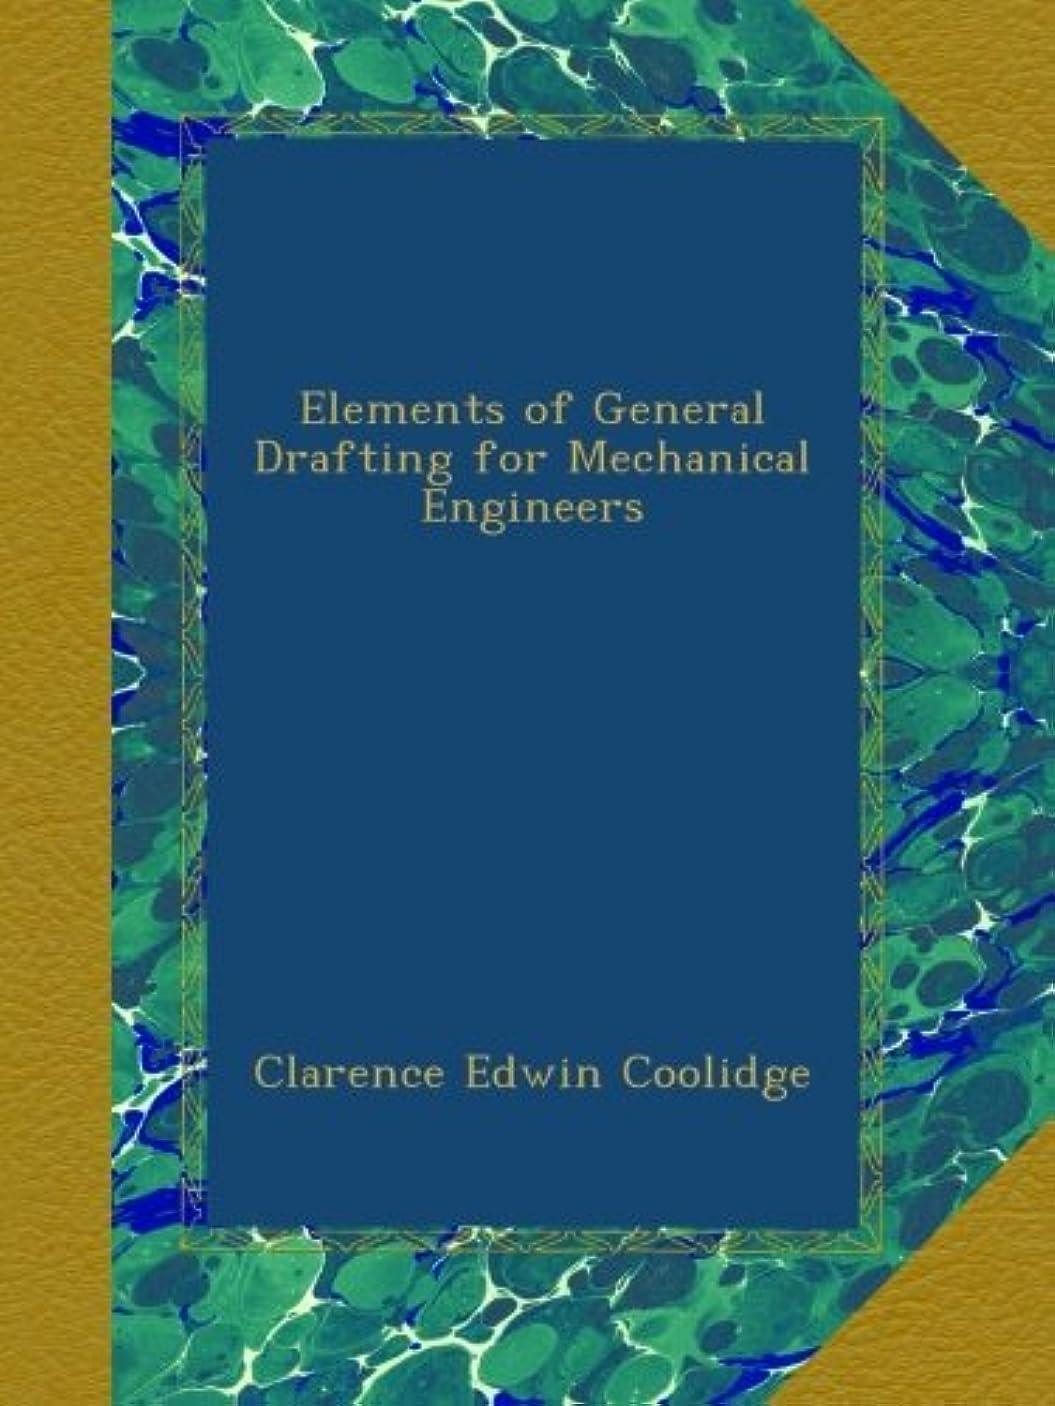 傾向があるステンレス地雷原Elements of General Drafting for Mechanical Engineers